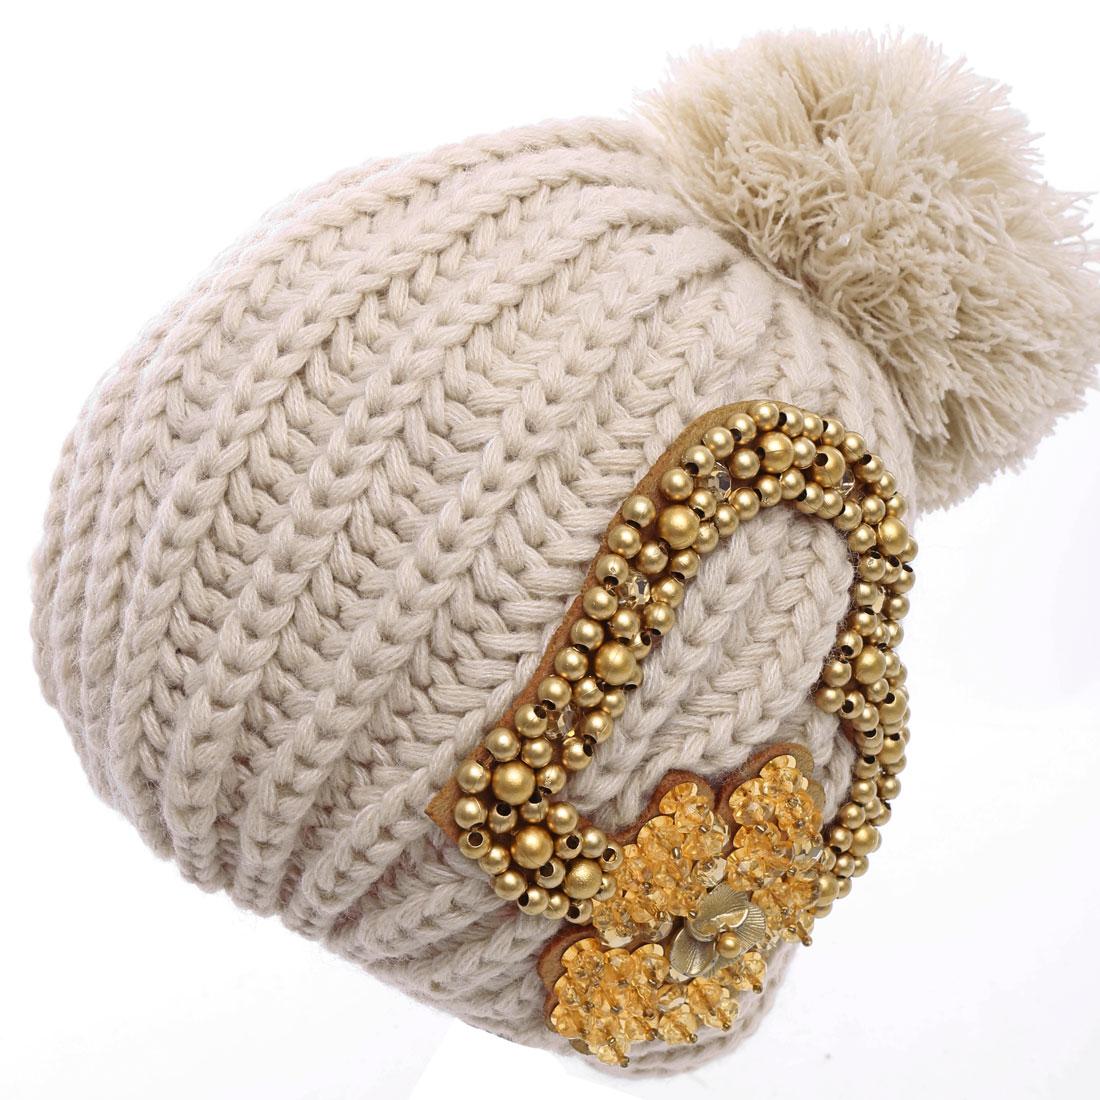 Pom-Pom Design Beads Decor Knitted Hat for Women Beige